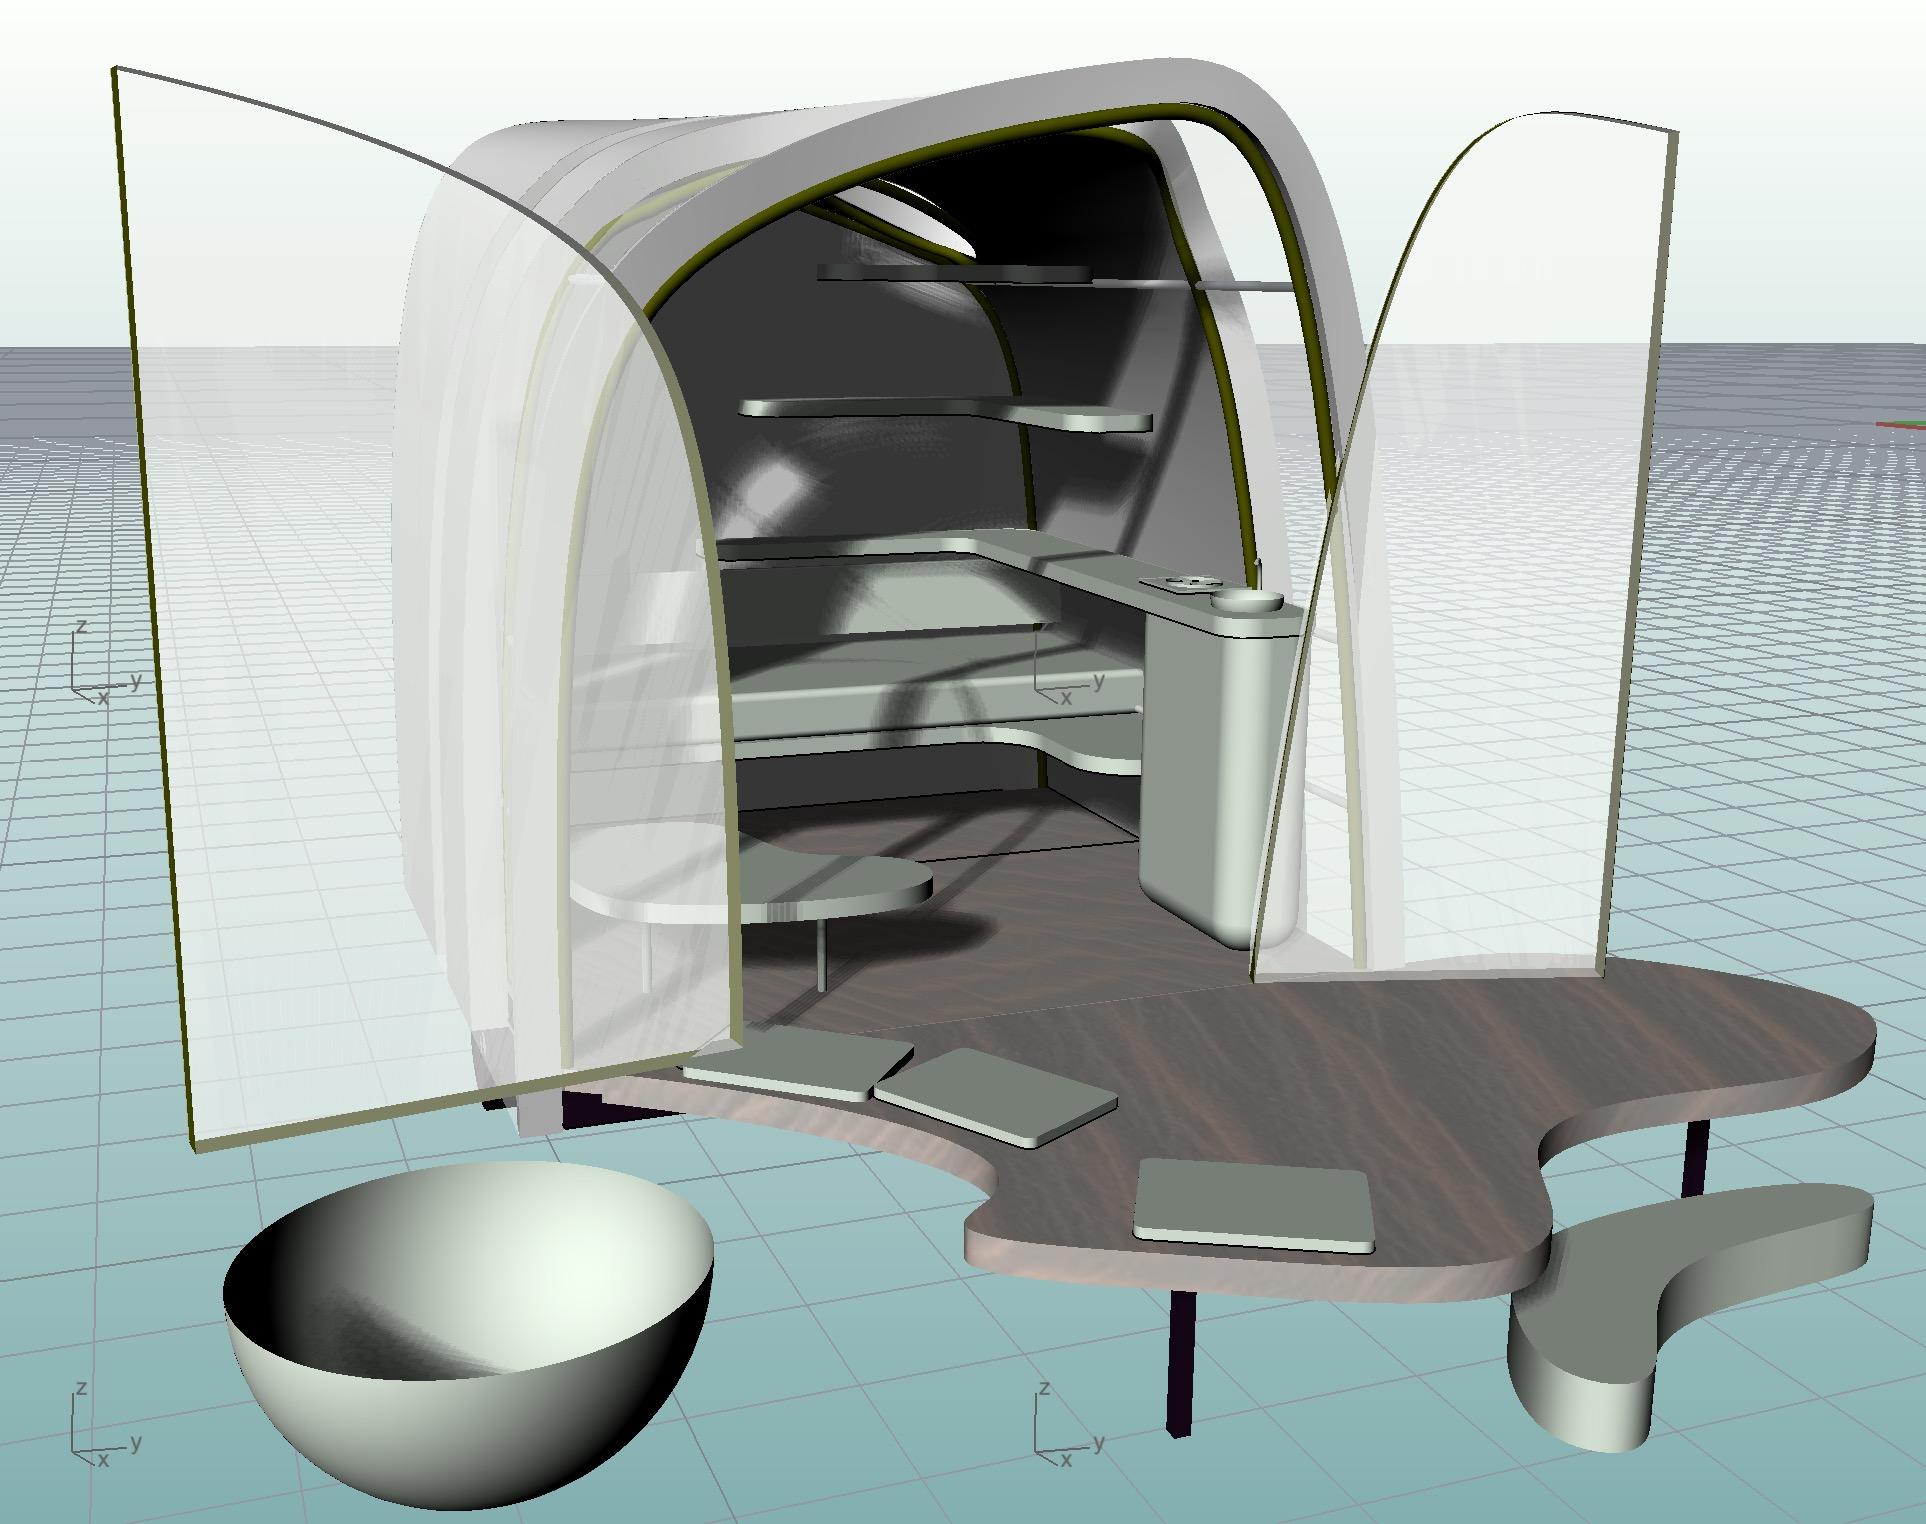 prototype_furnished1